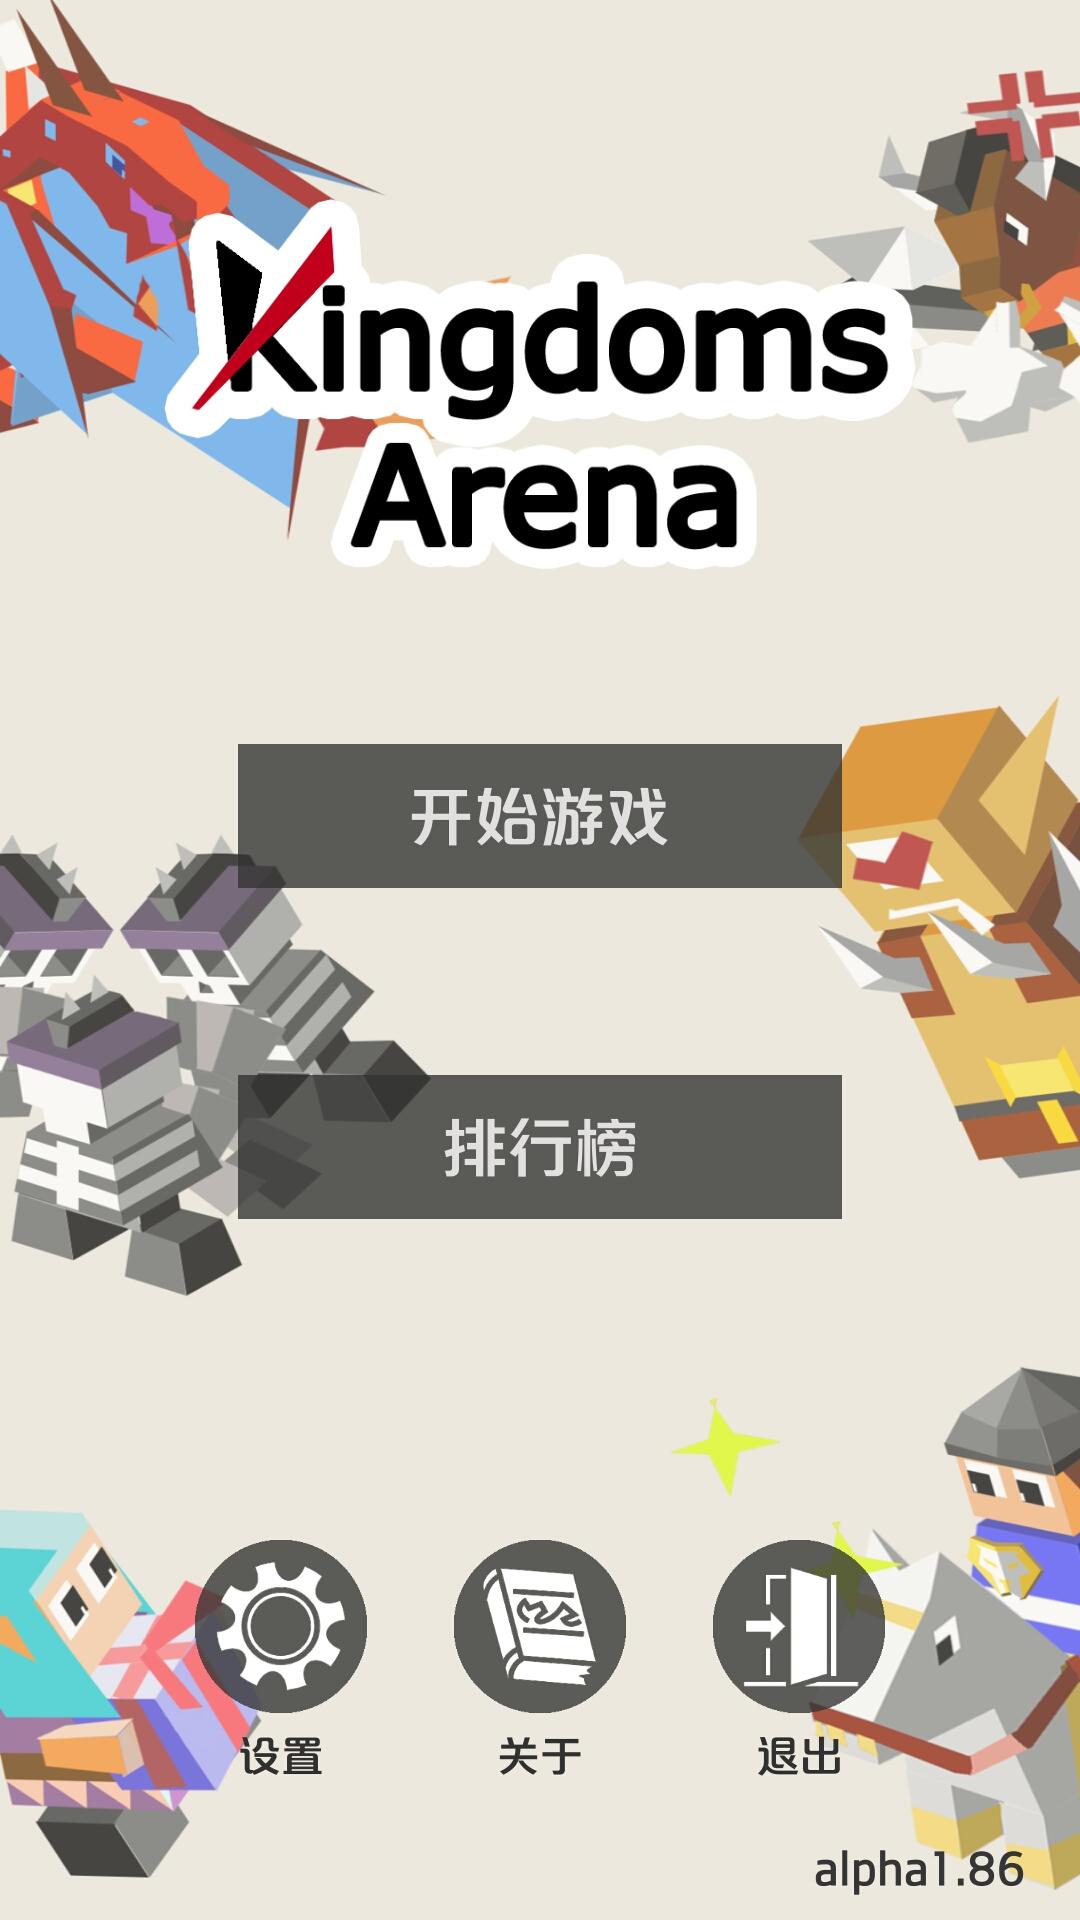 王国竞技场 v2图